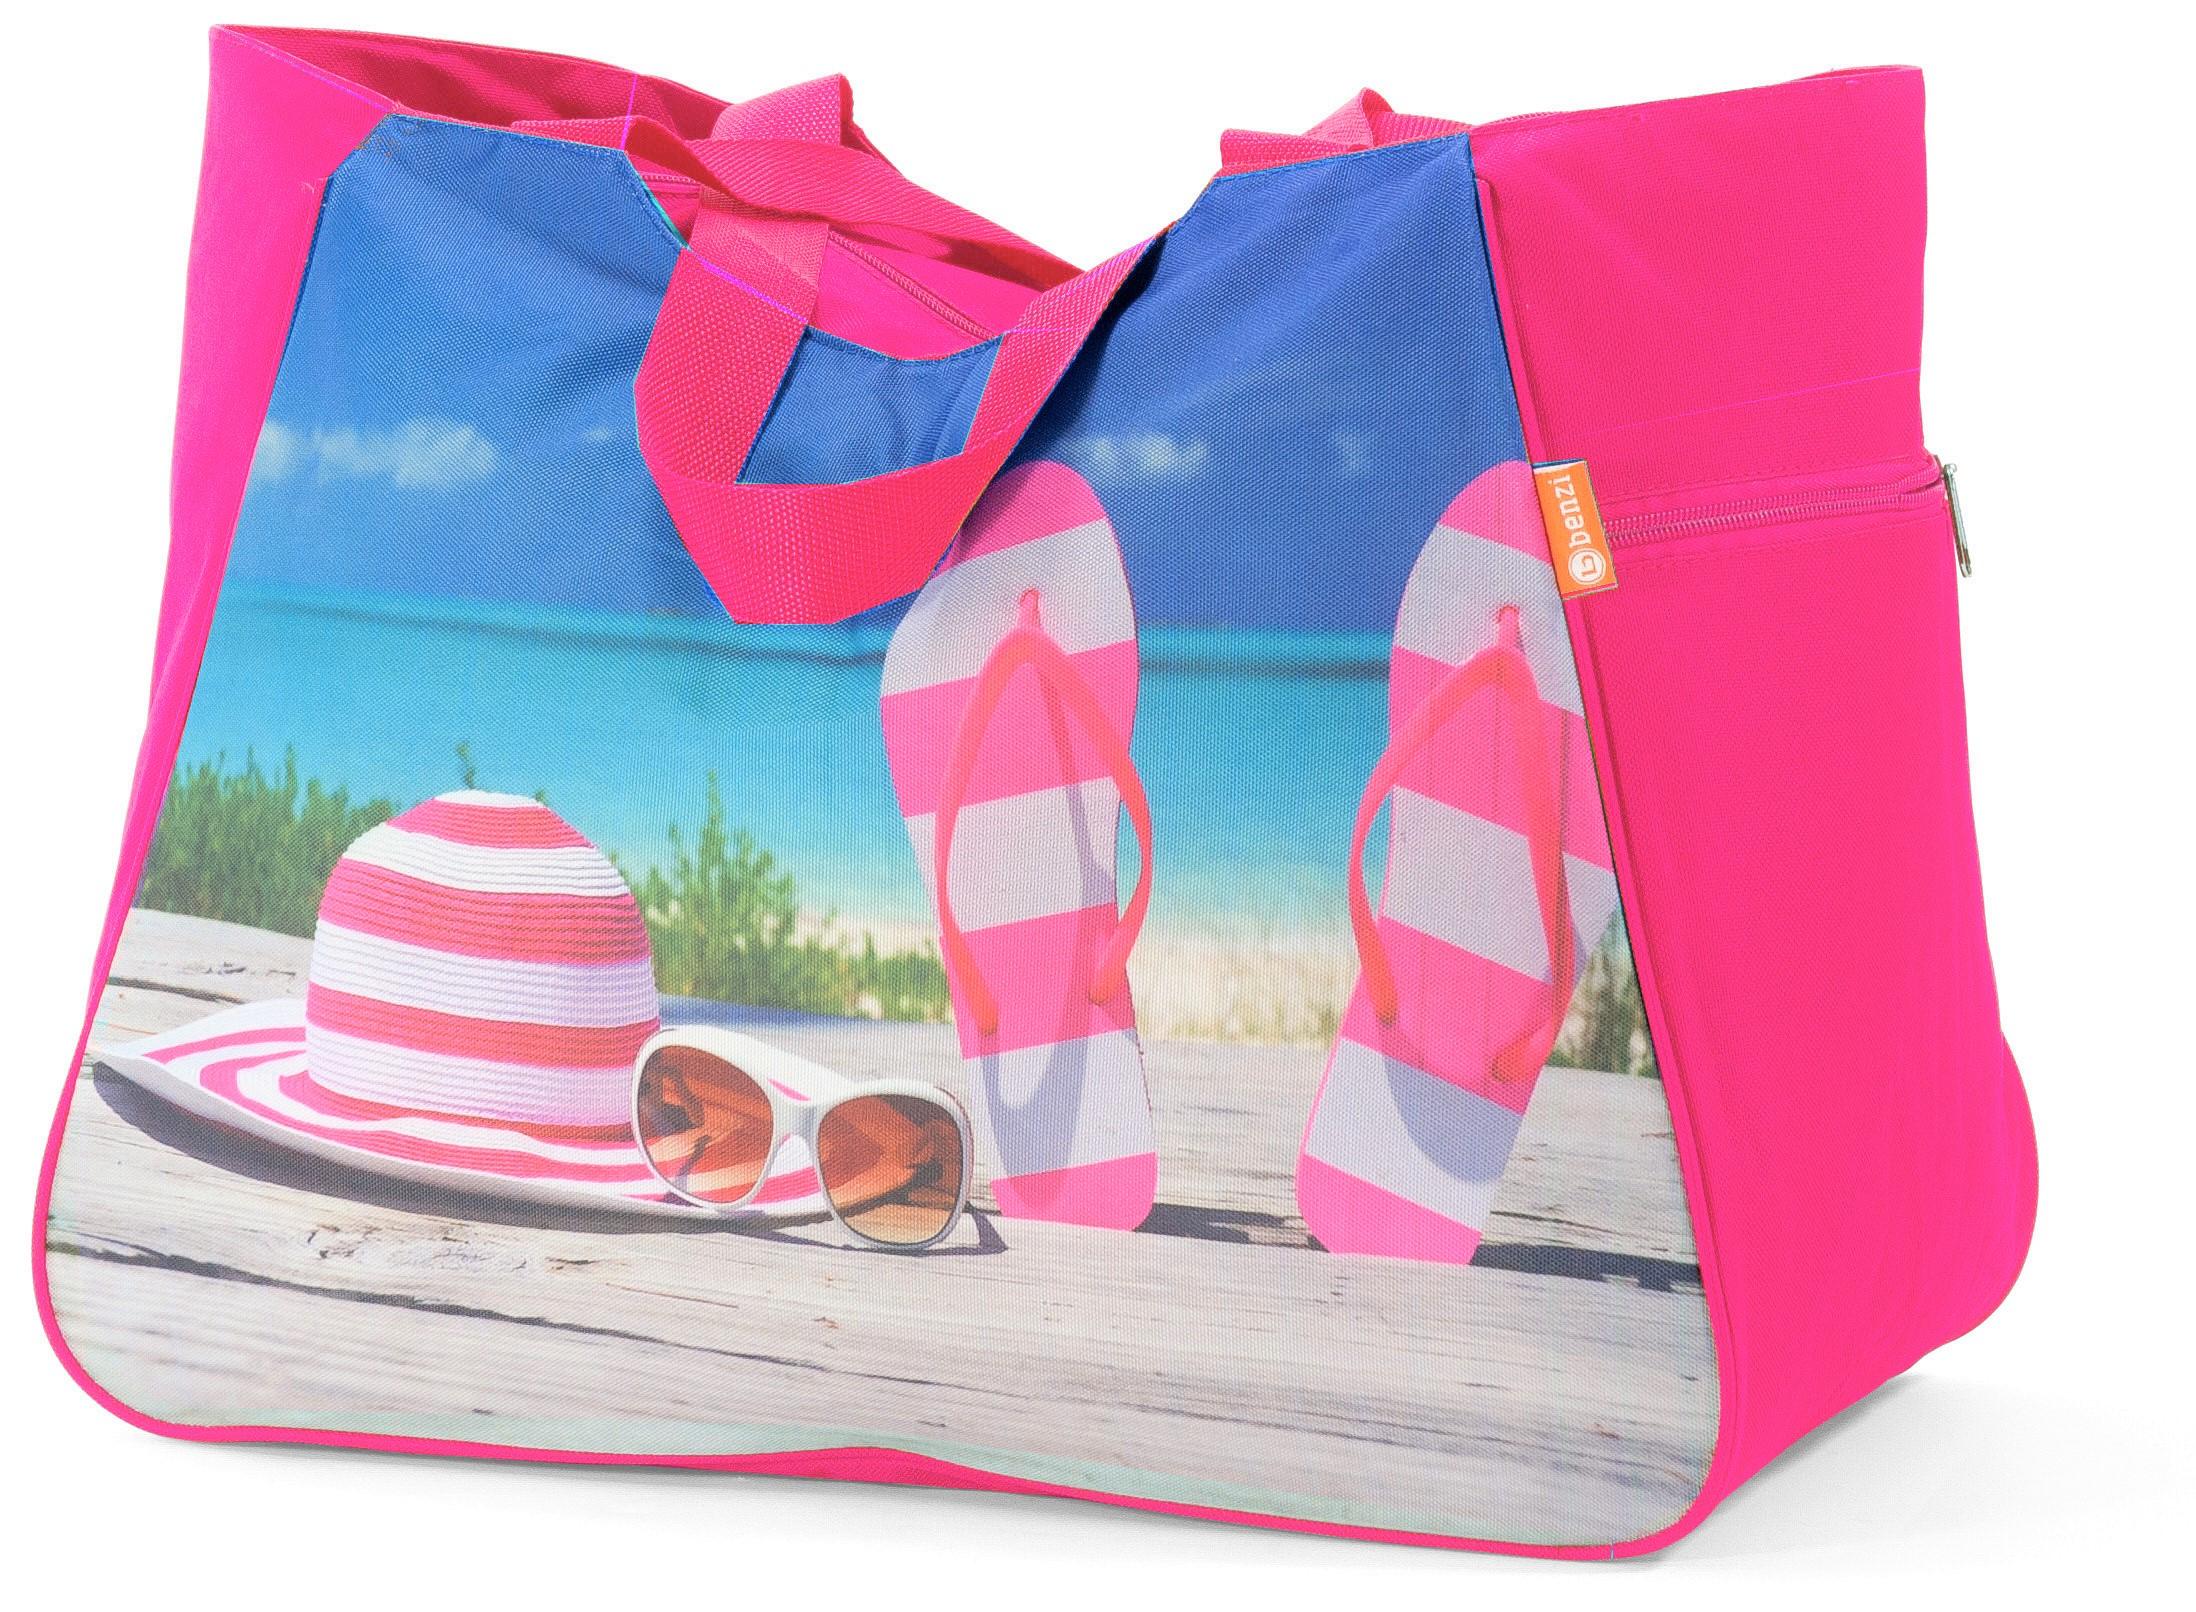 Τσάντα Θαλάσσης 48x26x37εκ. benzi 5002 Pink – benzi – BZ-5002-pink